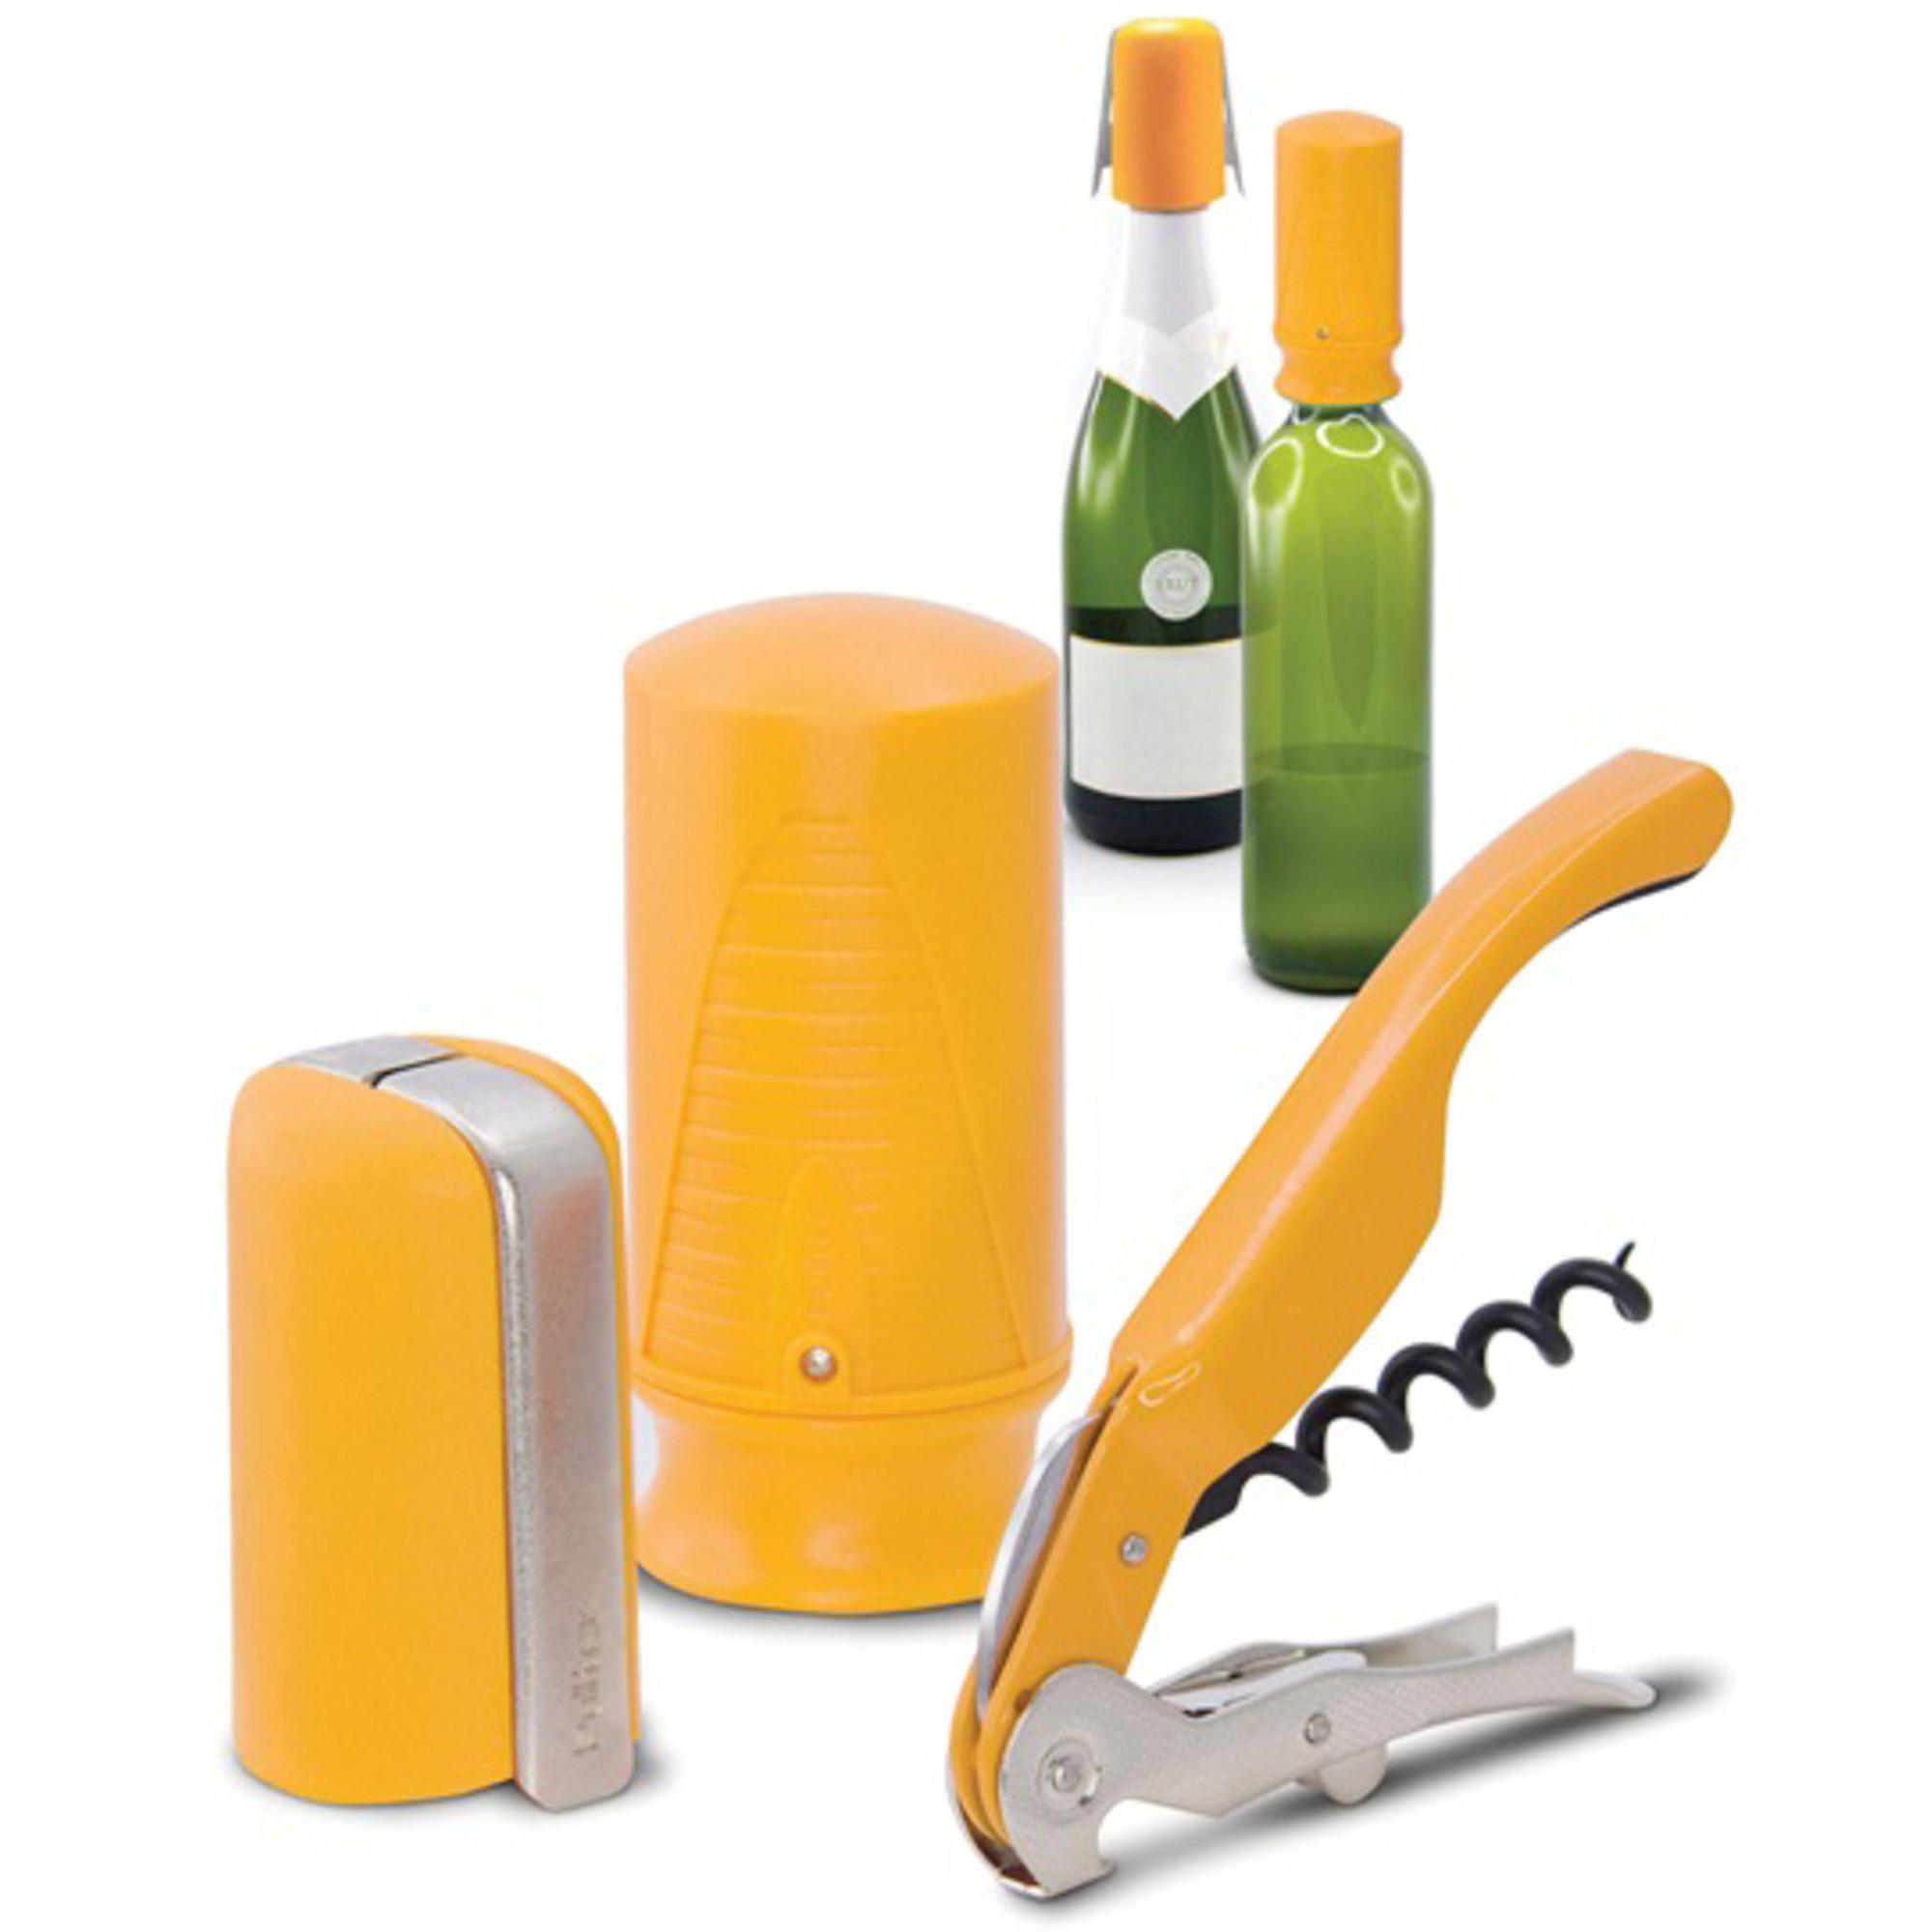 Pulltex Vin & Champagne Startset Gul